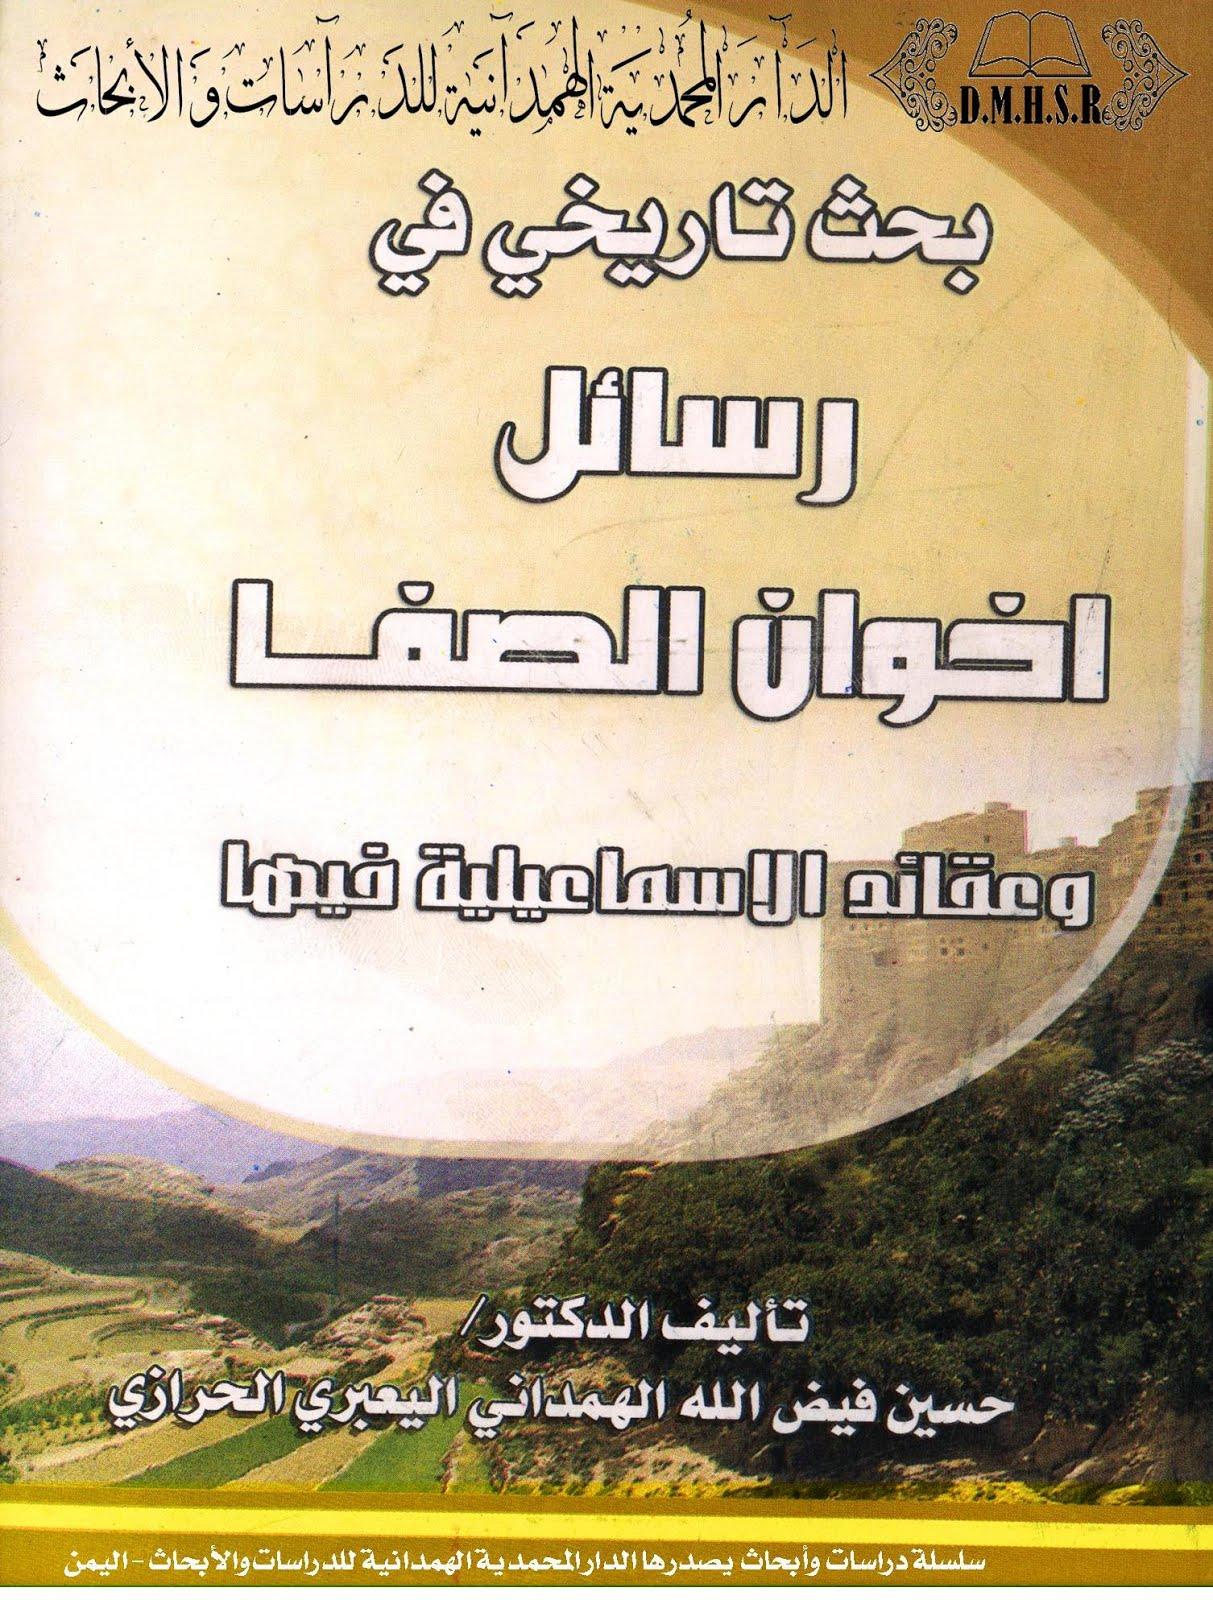 بحث تاريخي في رسائل إخوان الصفا وعقائد الإسماعيلية فيها